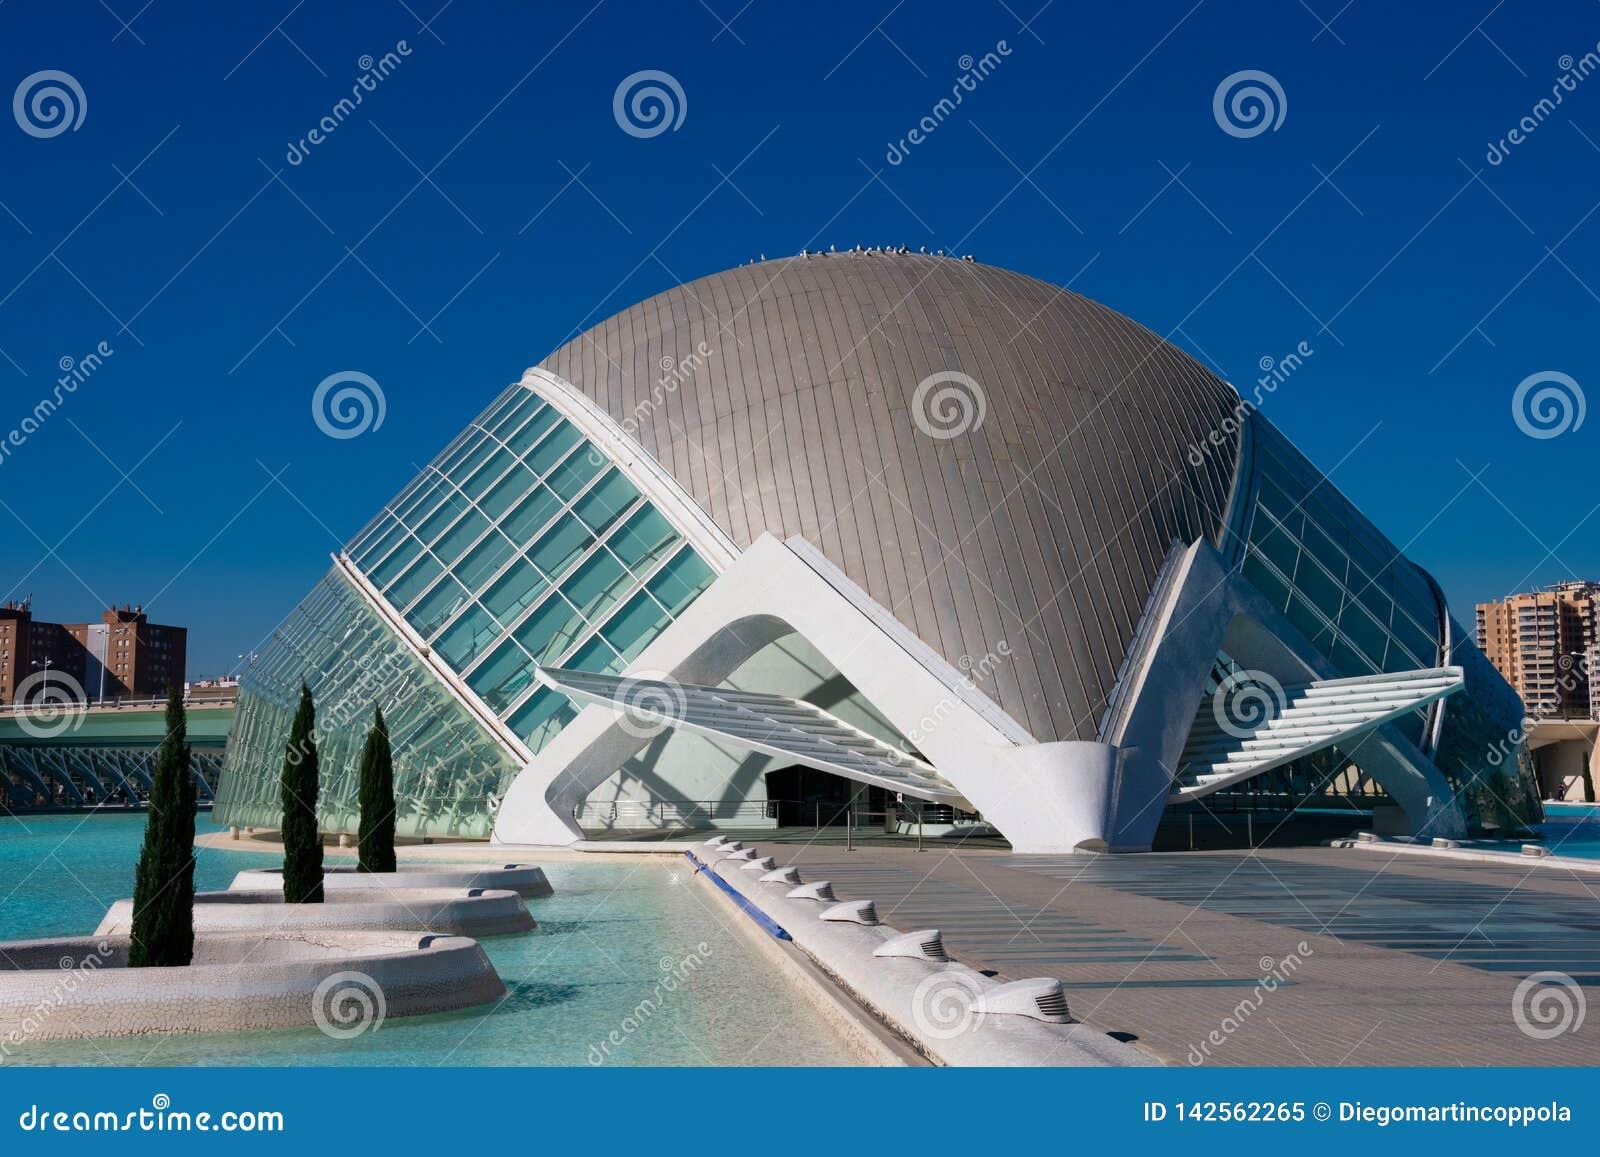 οι τέχνες μπορούν hemisferic λ les Palau reina πόλεων de επιστήμες να δουν τη Σόφια Αρχιτέκτονες Σαντιάγο Calatrava και καντέλα τ